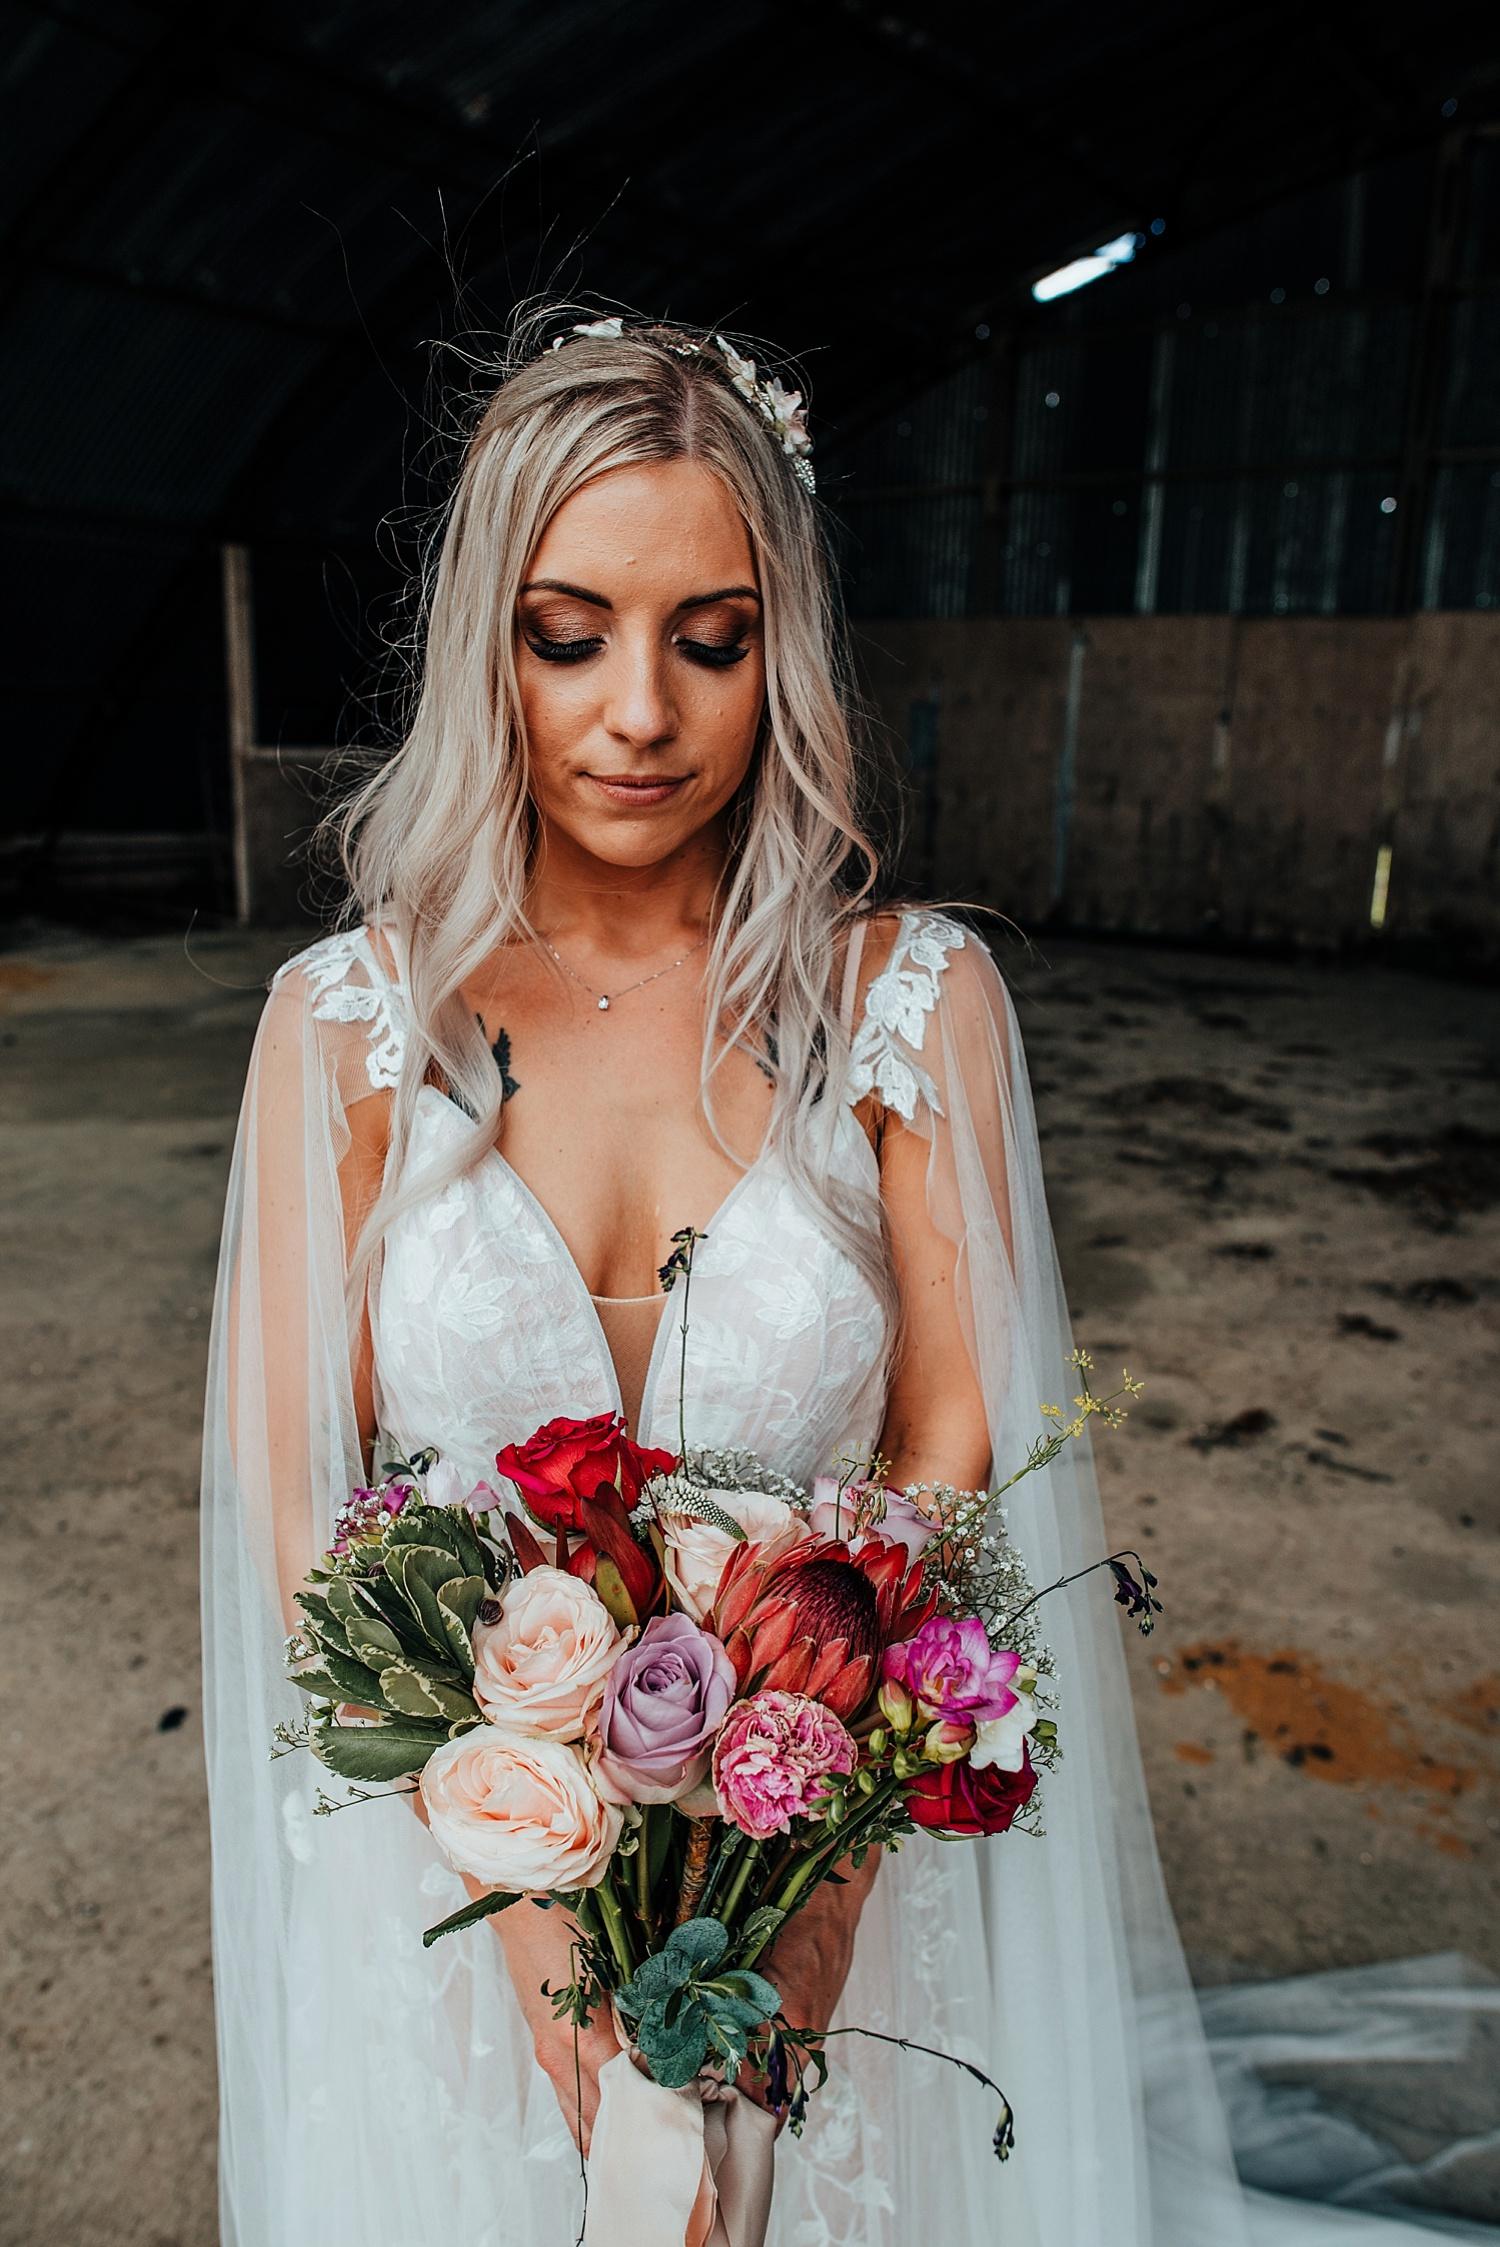 boho bride wearing caped wedding dress holding flowers in an open barn clock barn